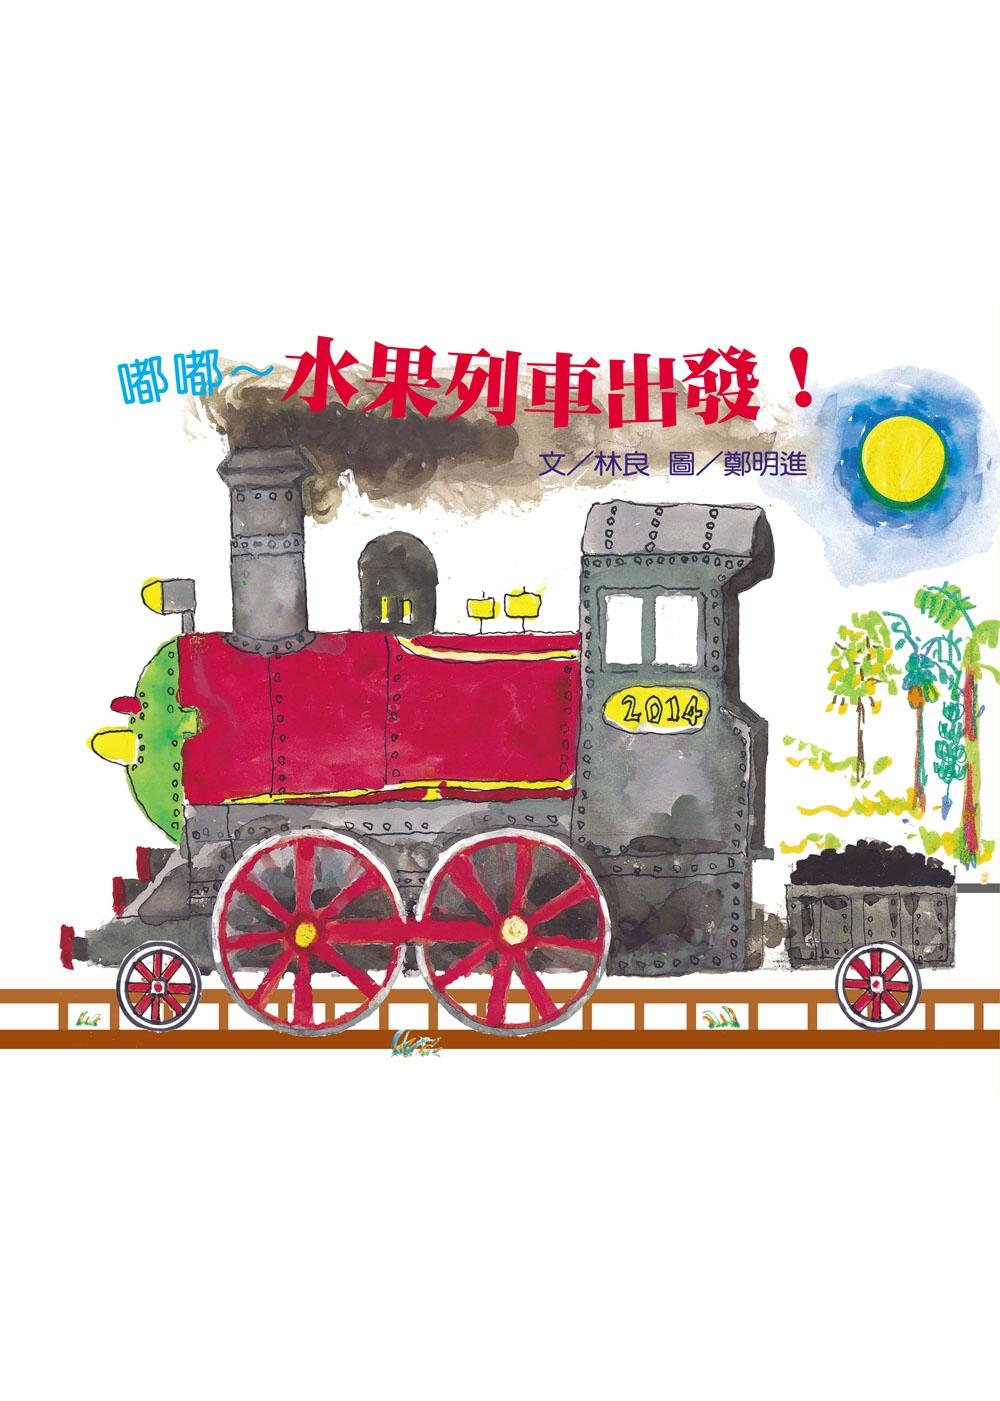 嘟嘟~水果列車出發!